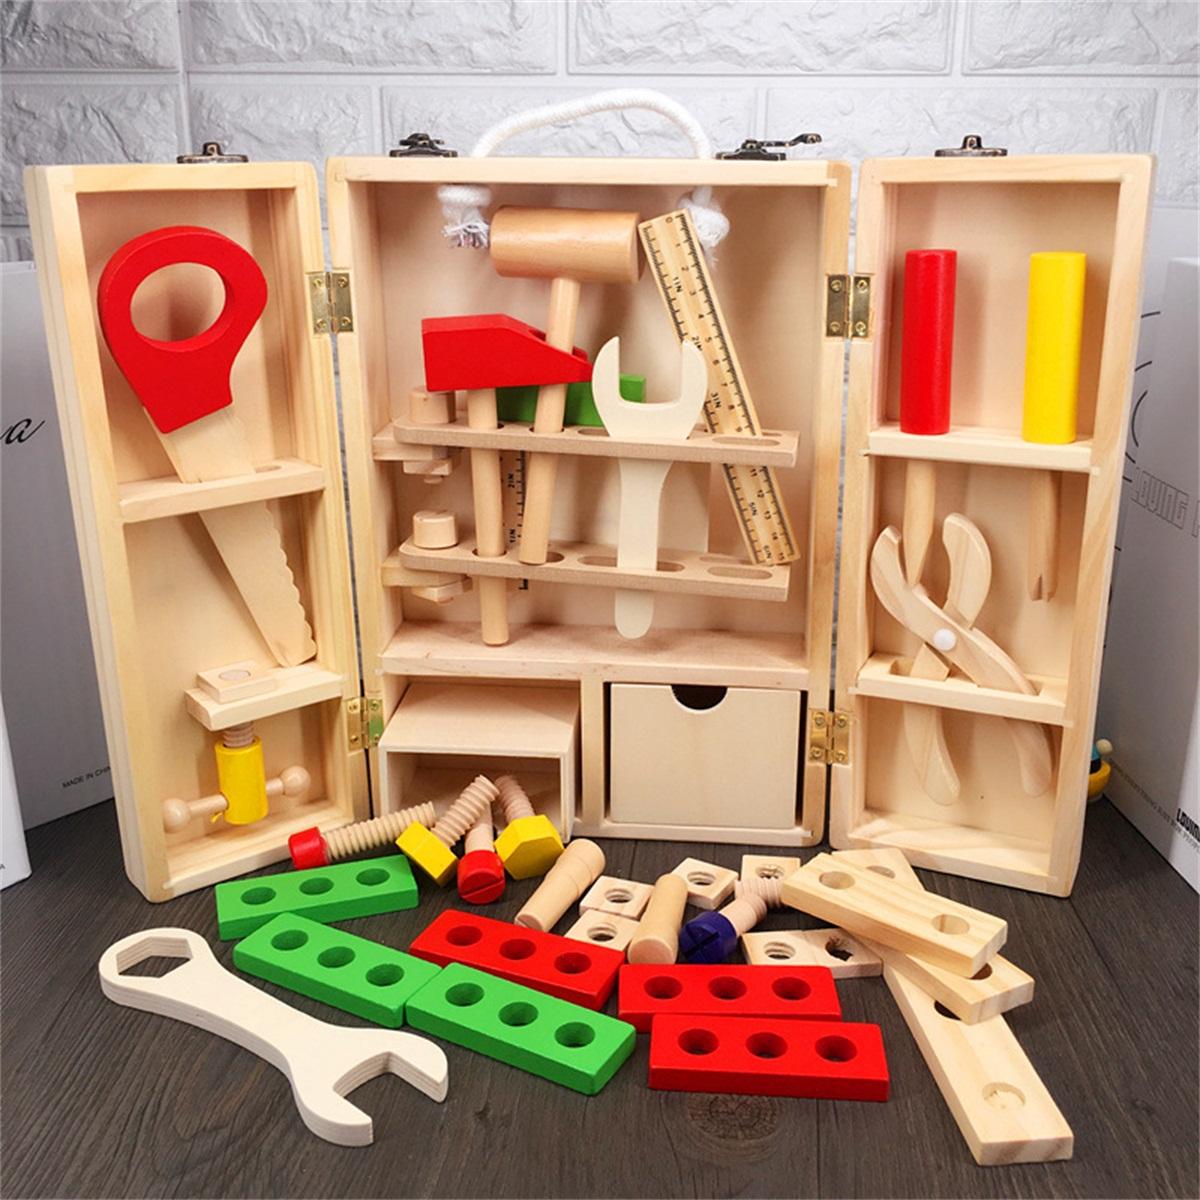 Giocattoli in legno bambini Set di giocattoli in legno ragazzi Ragazzi Gioco in finta giocattolo Simulazione Manutenzione Cassetta attrezzi Dismantling Toys Regalo di Natale